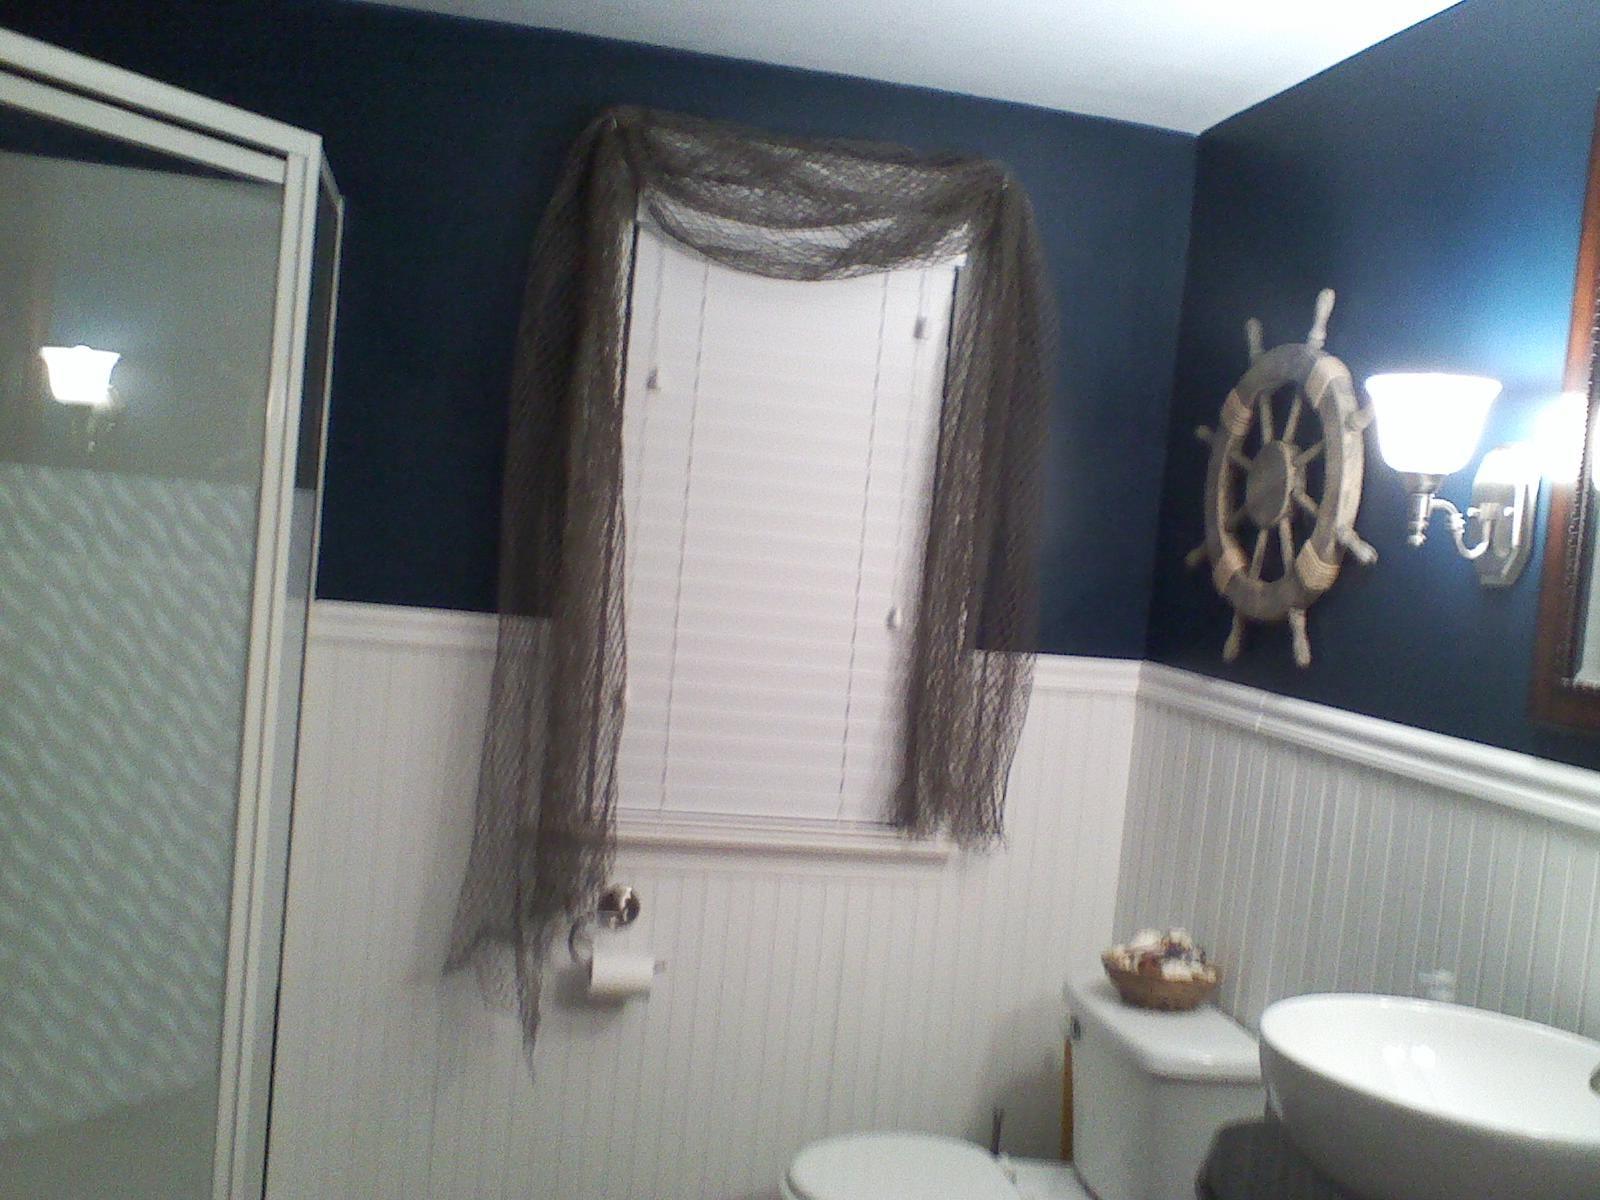 Nautical Themed Bathroom Ideas: Nautical Bathroom Theme